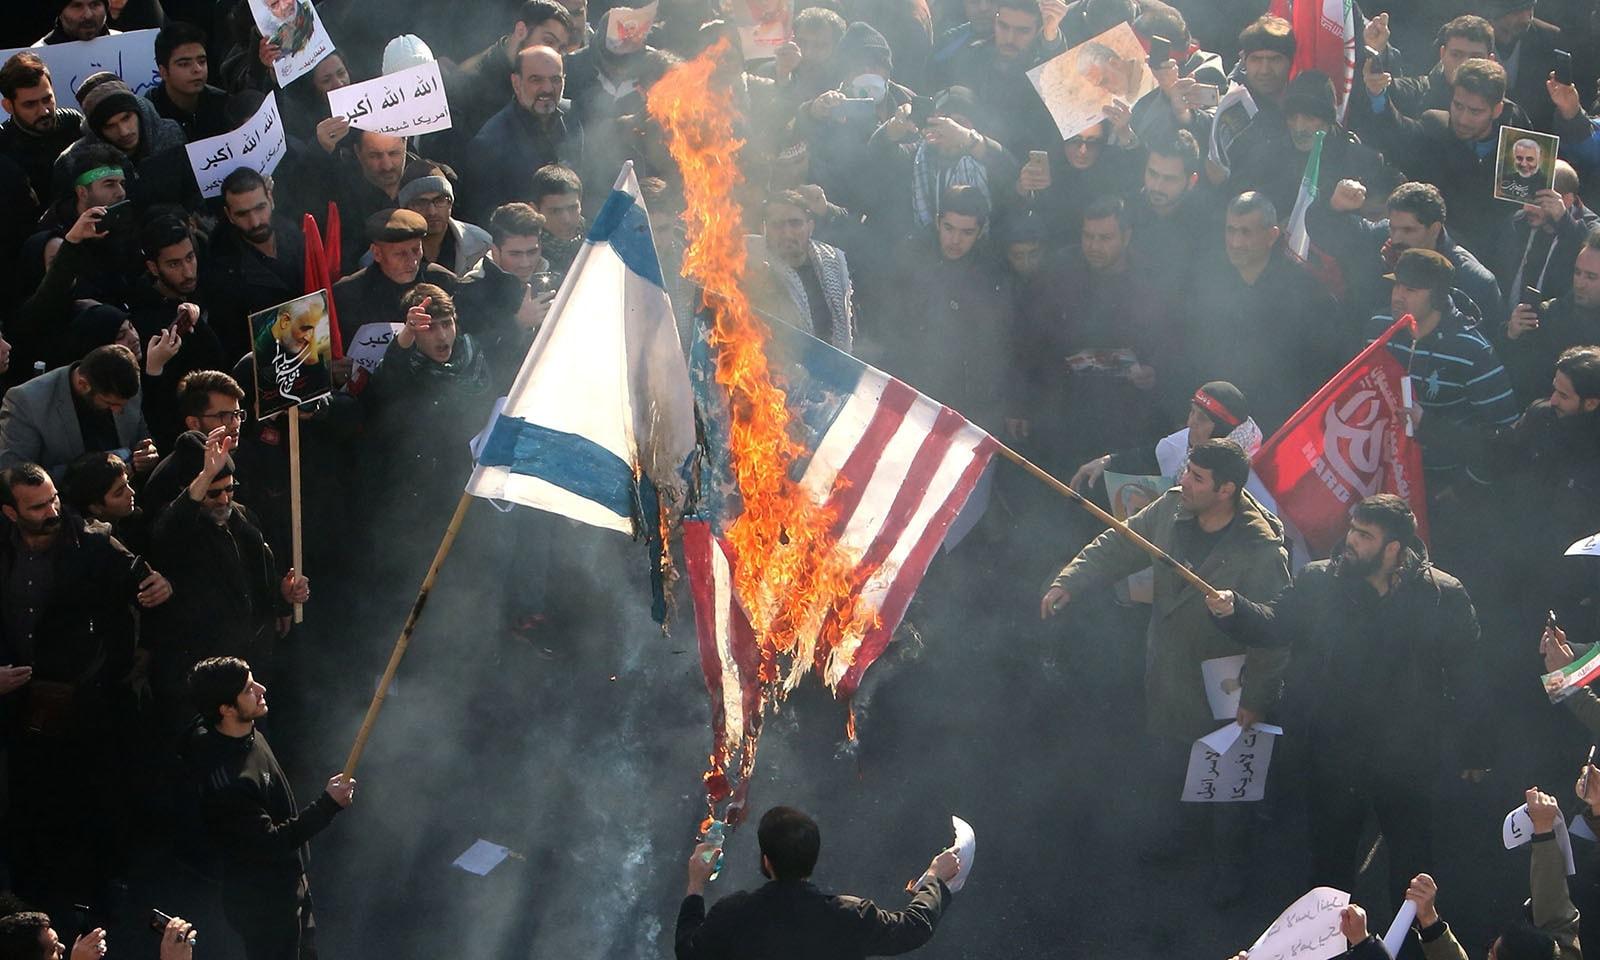 ایرانی عوام نے اسرائیل اور امریکا کے پرچم بھی نذرآتش کیے — فوٹو: اے ایف پی